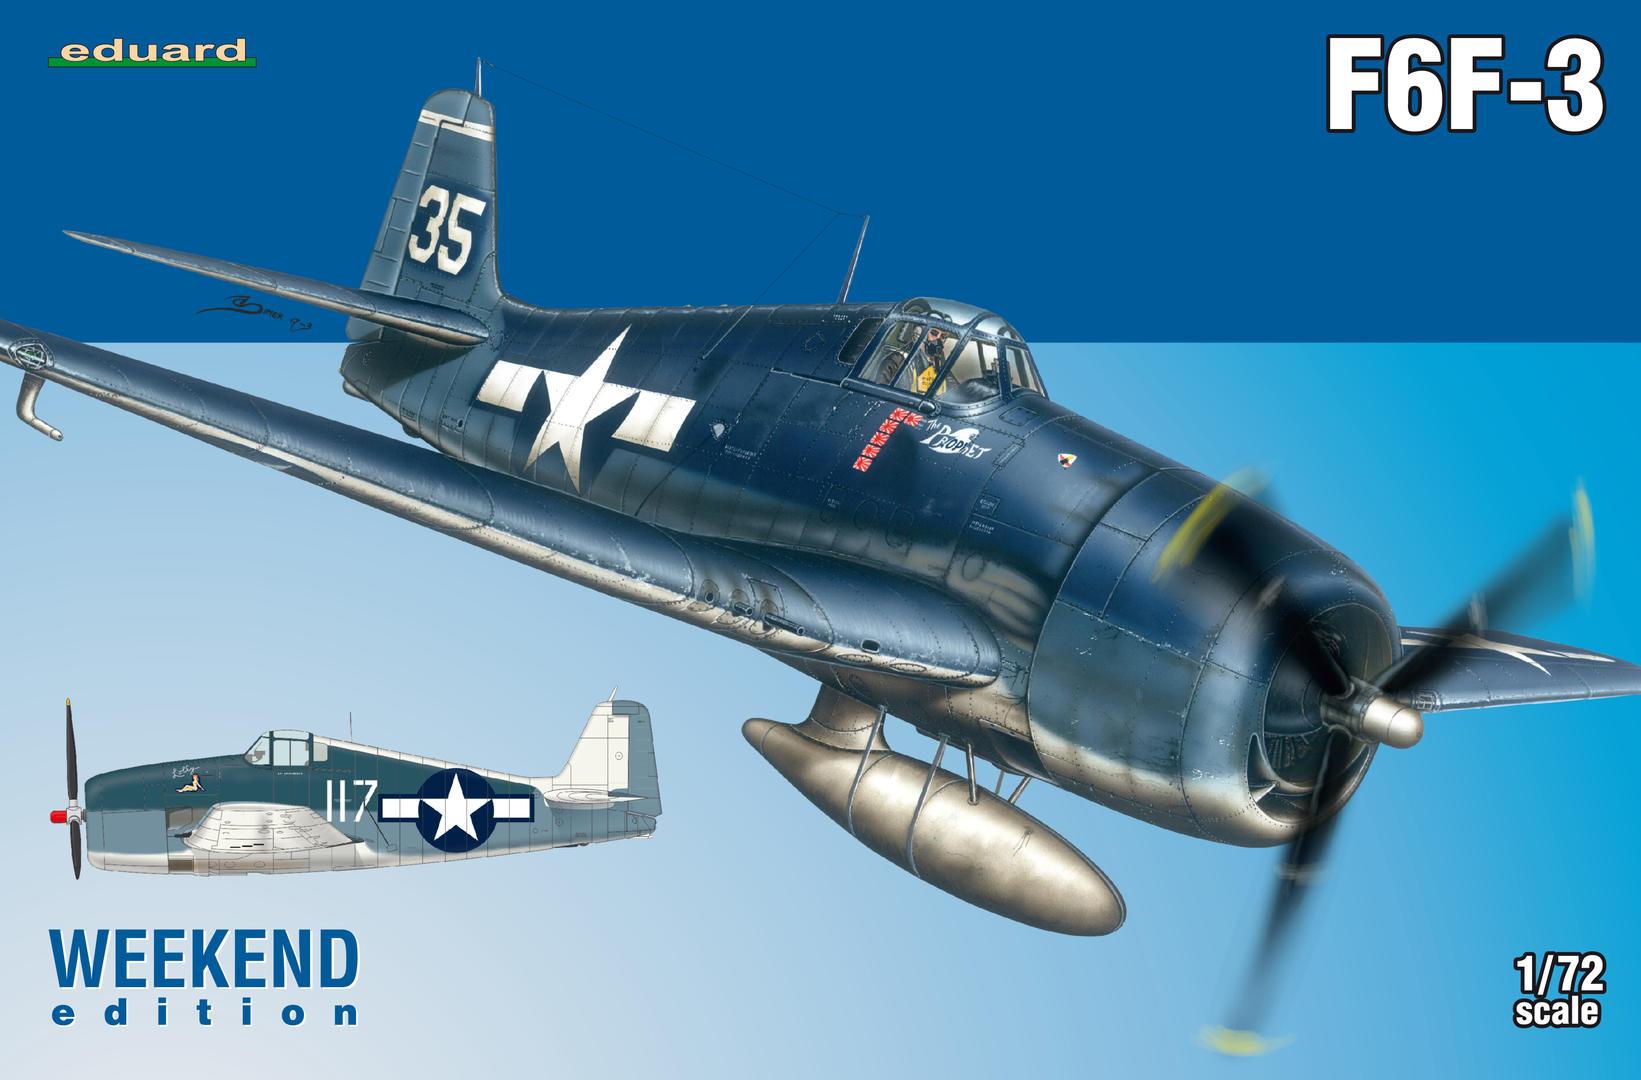 Eduard-7441-F6F-3-Deckelbild F5F-3 Hellcat WEEKEND von Eduard 1:72 #7441